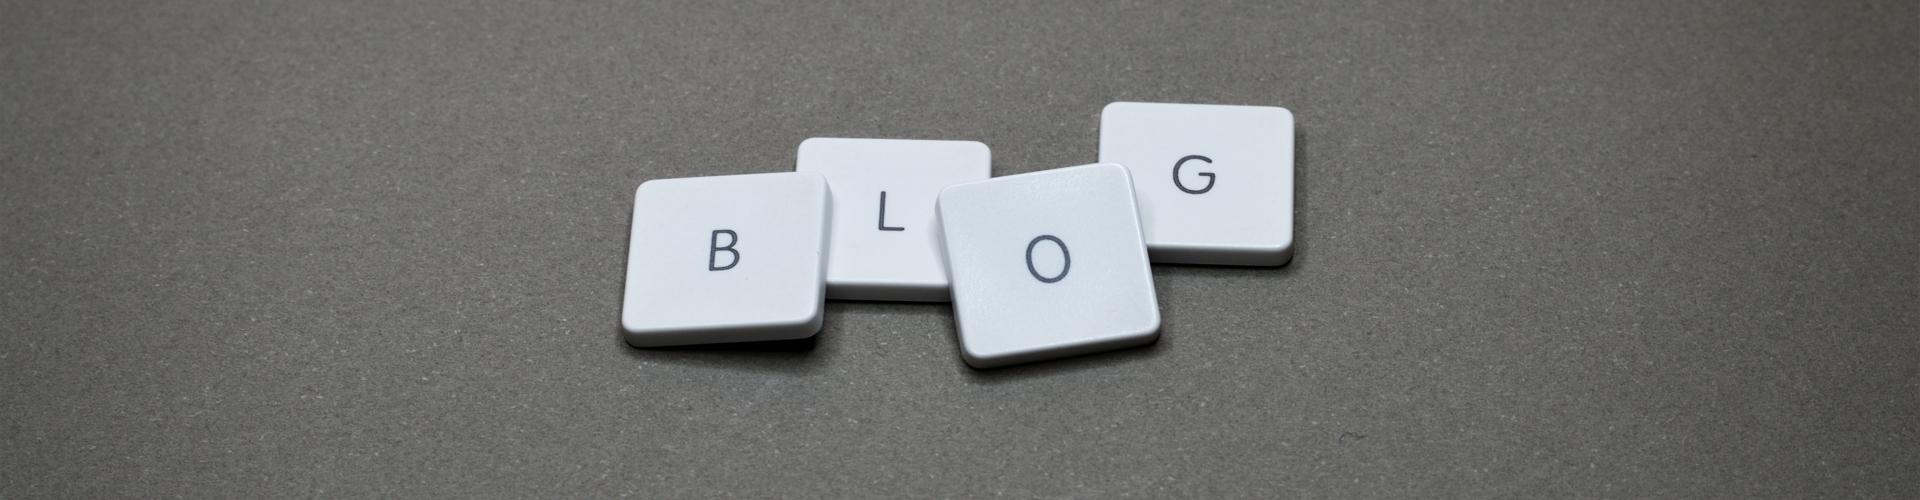 Blog Comak Administratiekantoor Haarlem